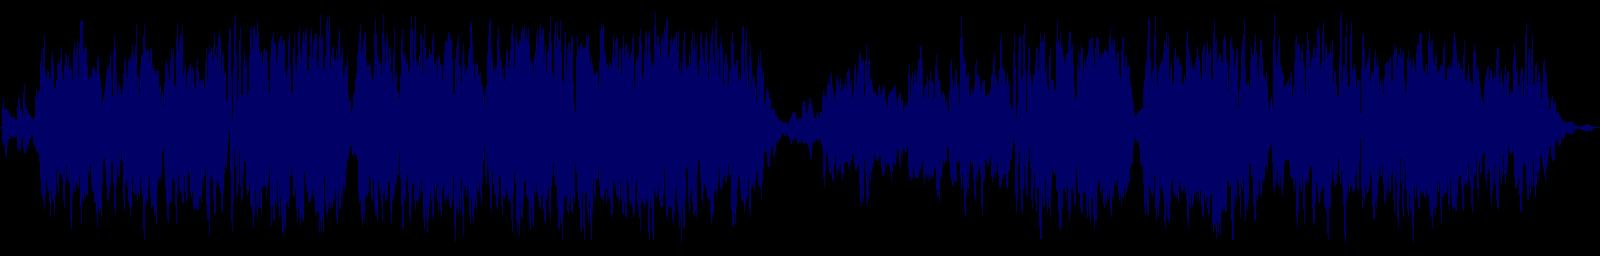 waveform of track #131272